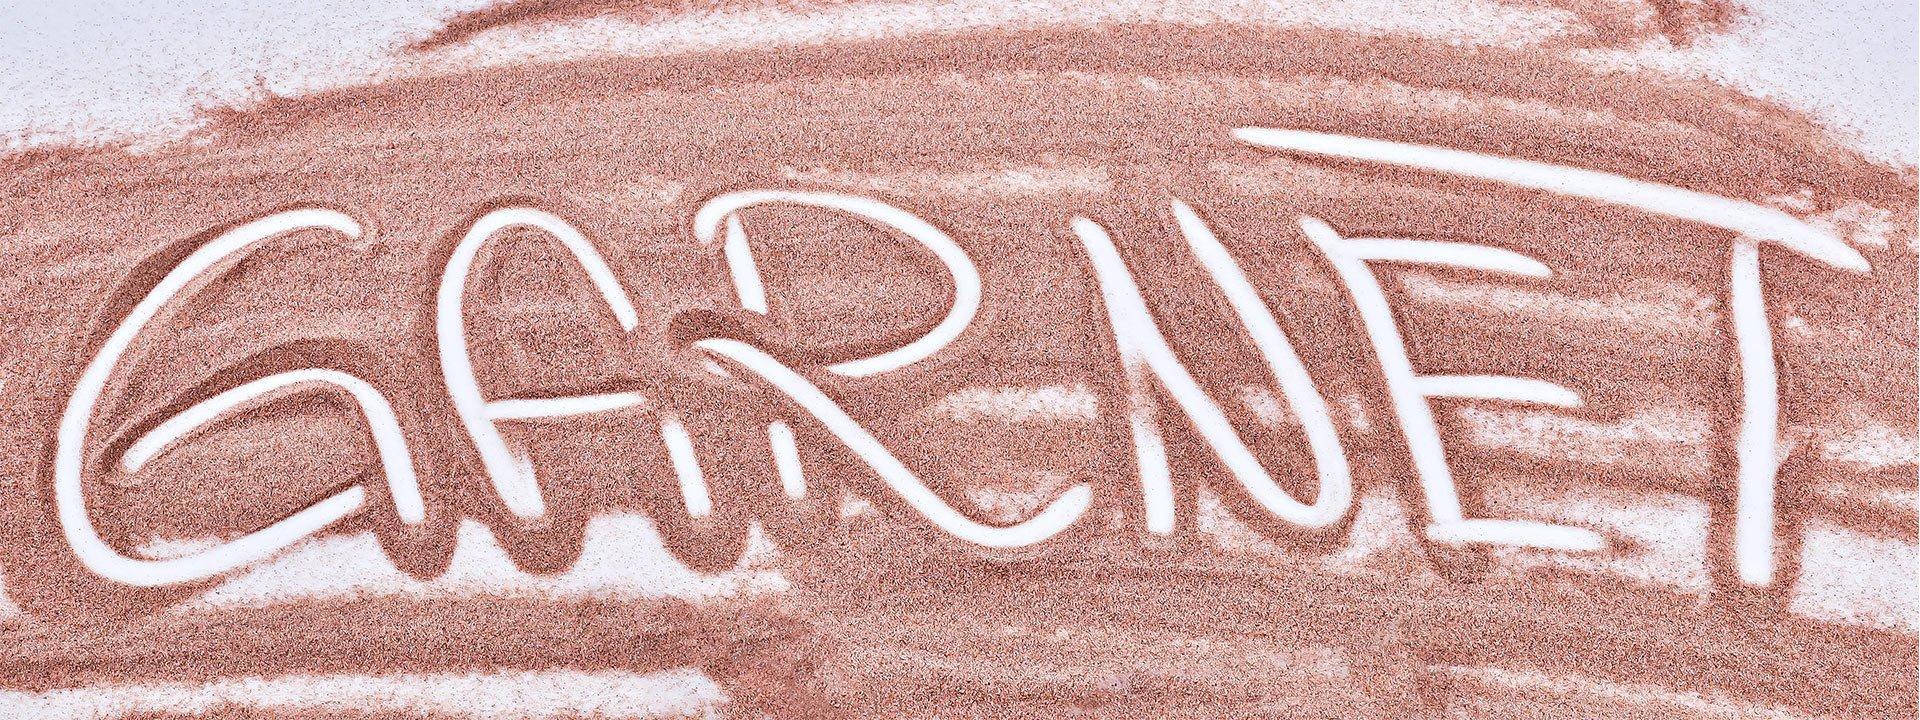 pink garnet abrasive